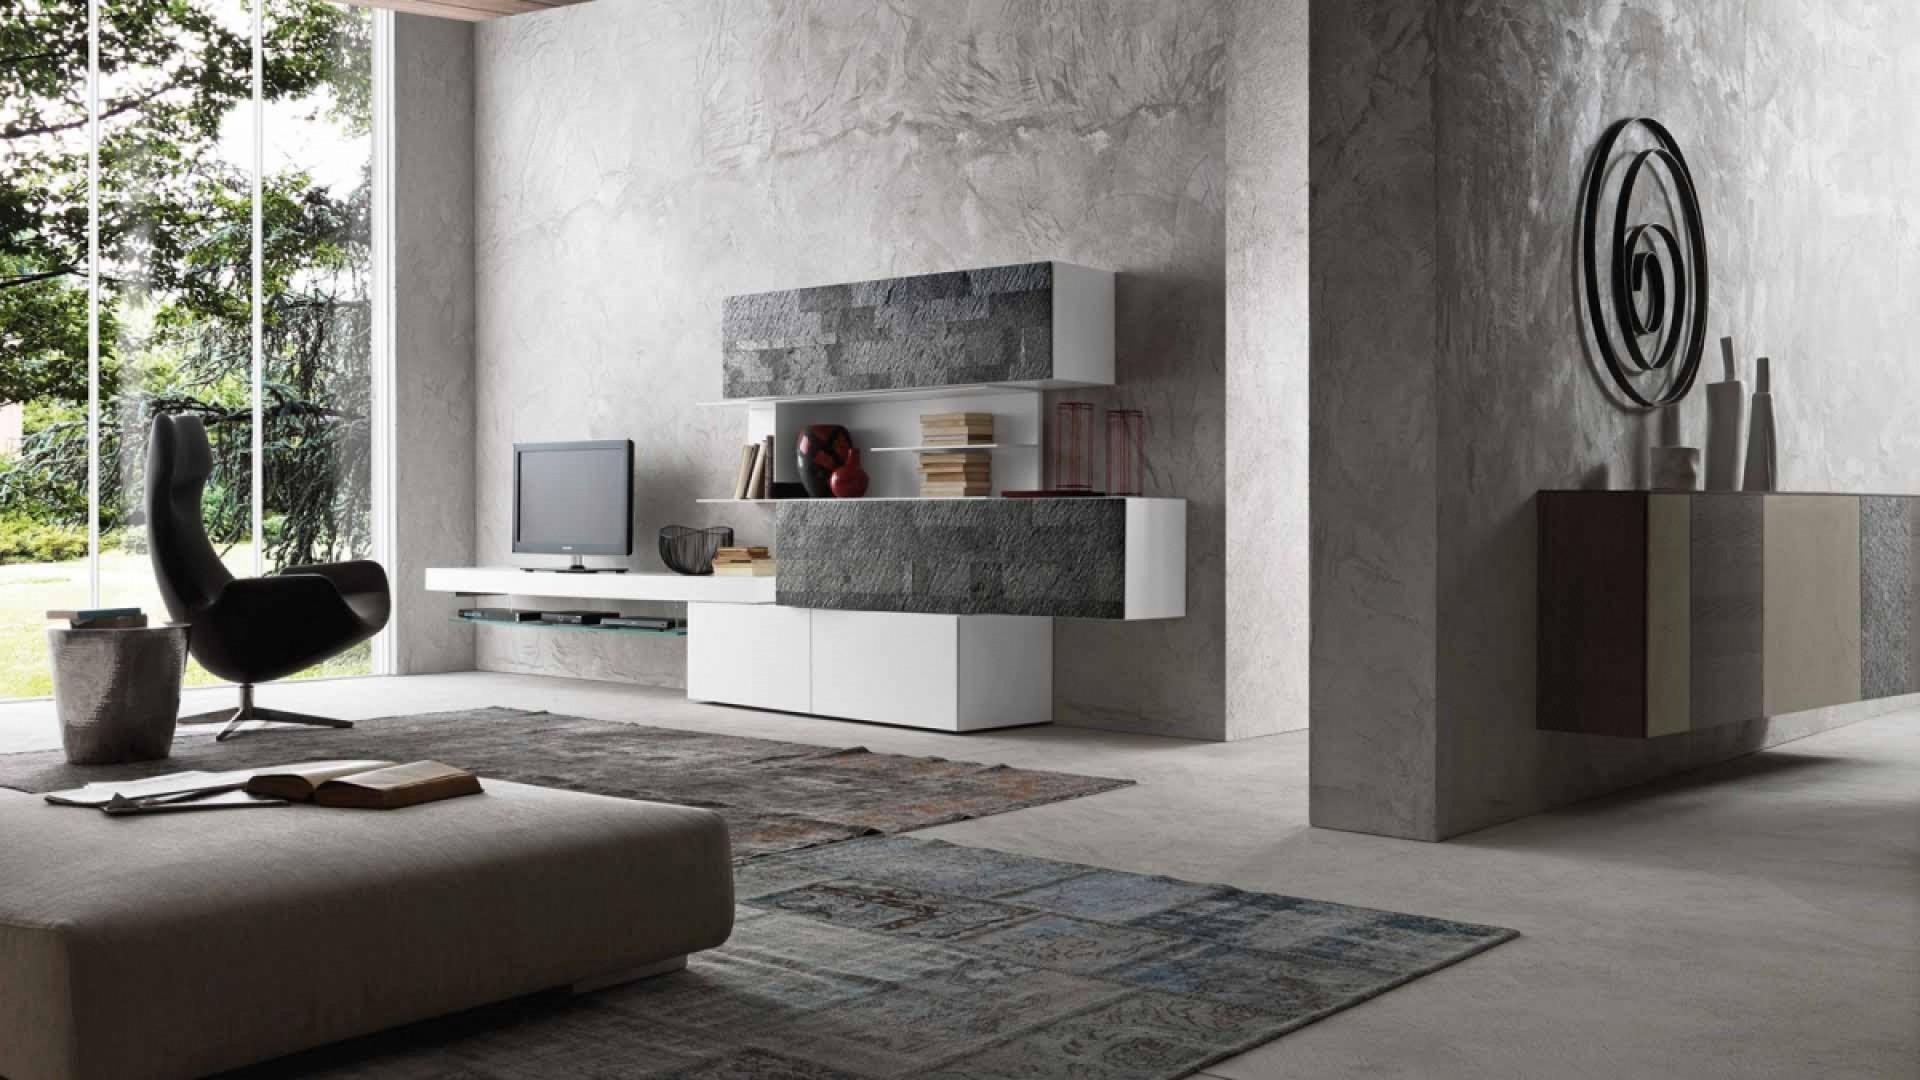 Gruppo inventa mobili per la casa for Wohnideen design